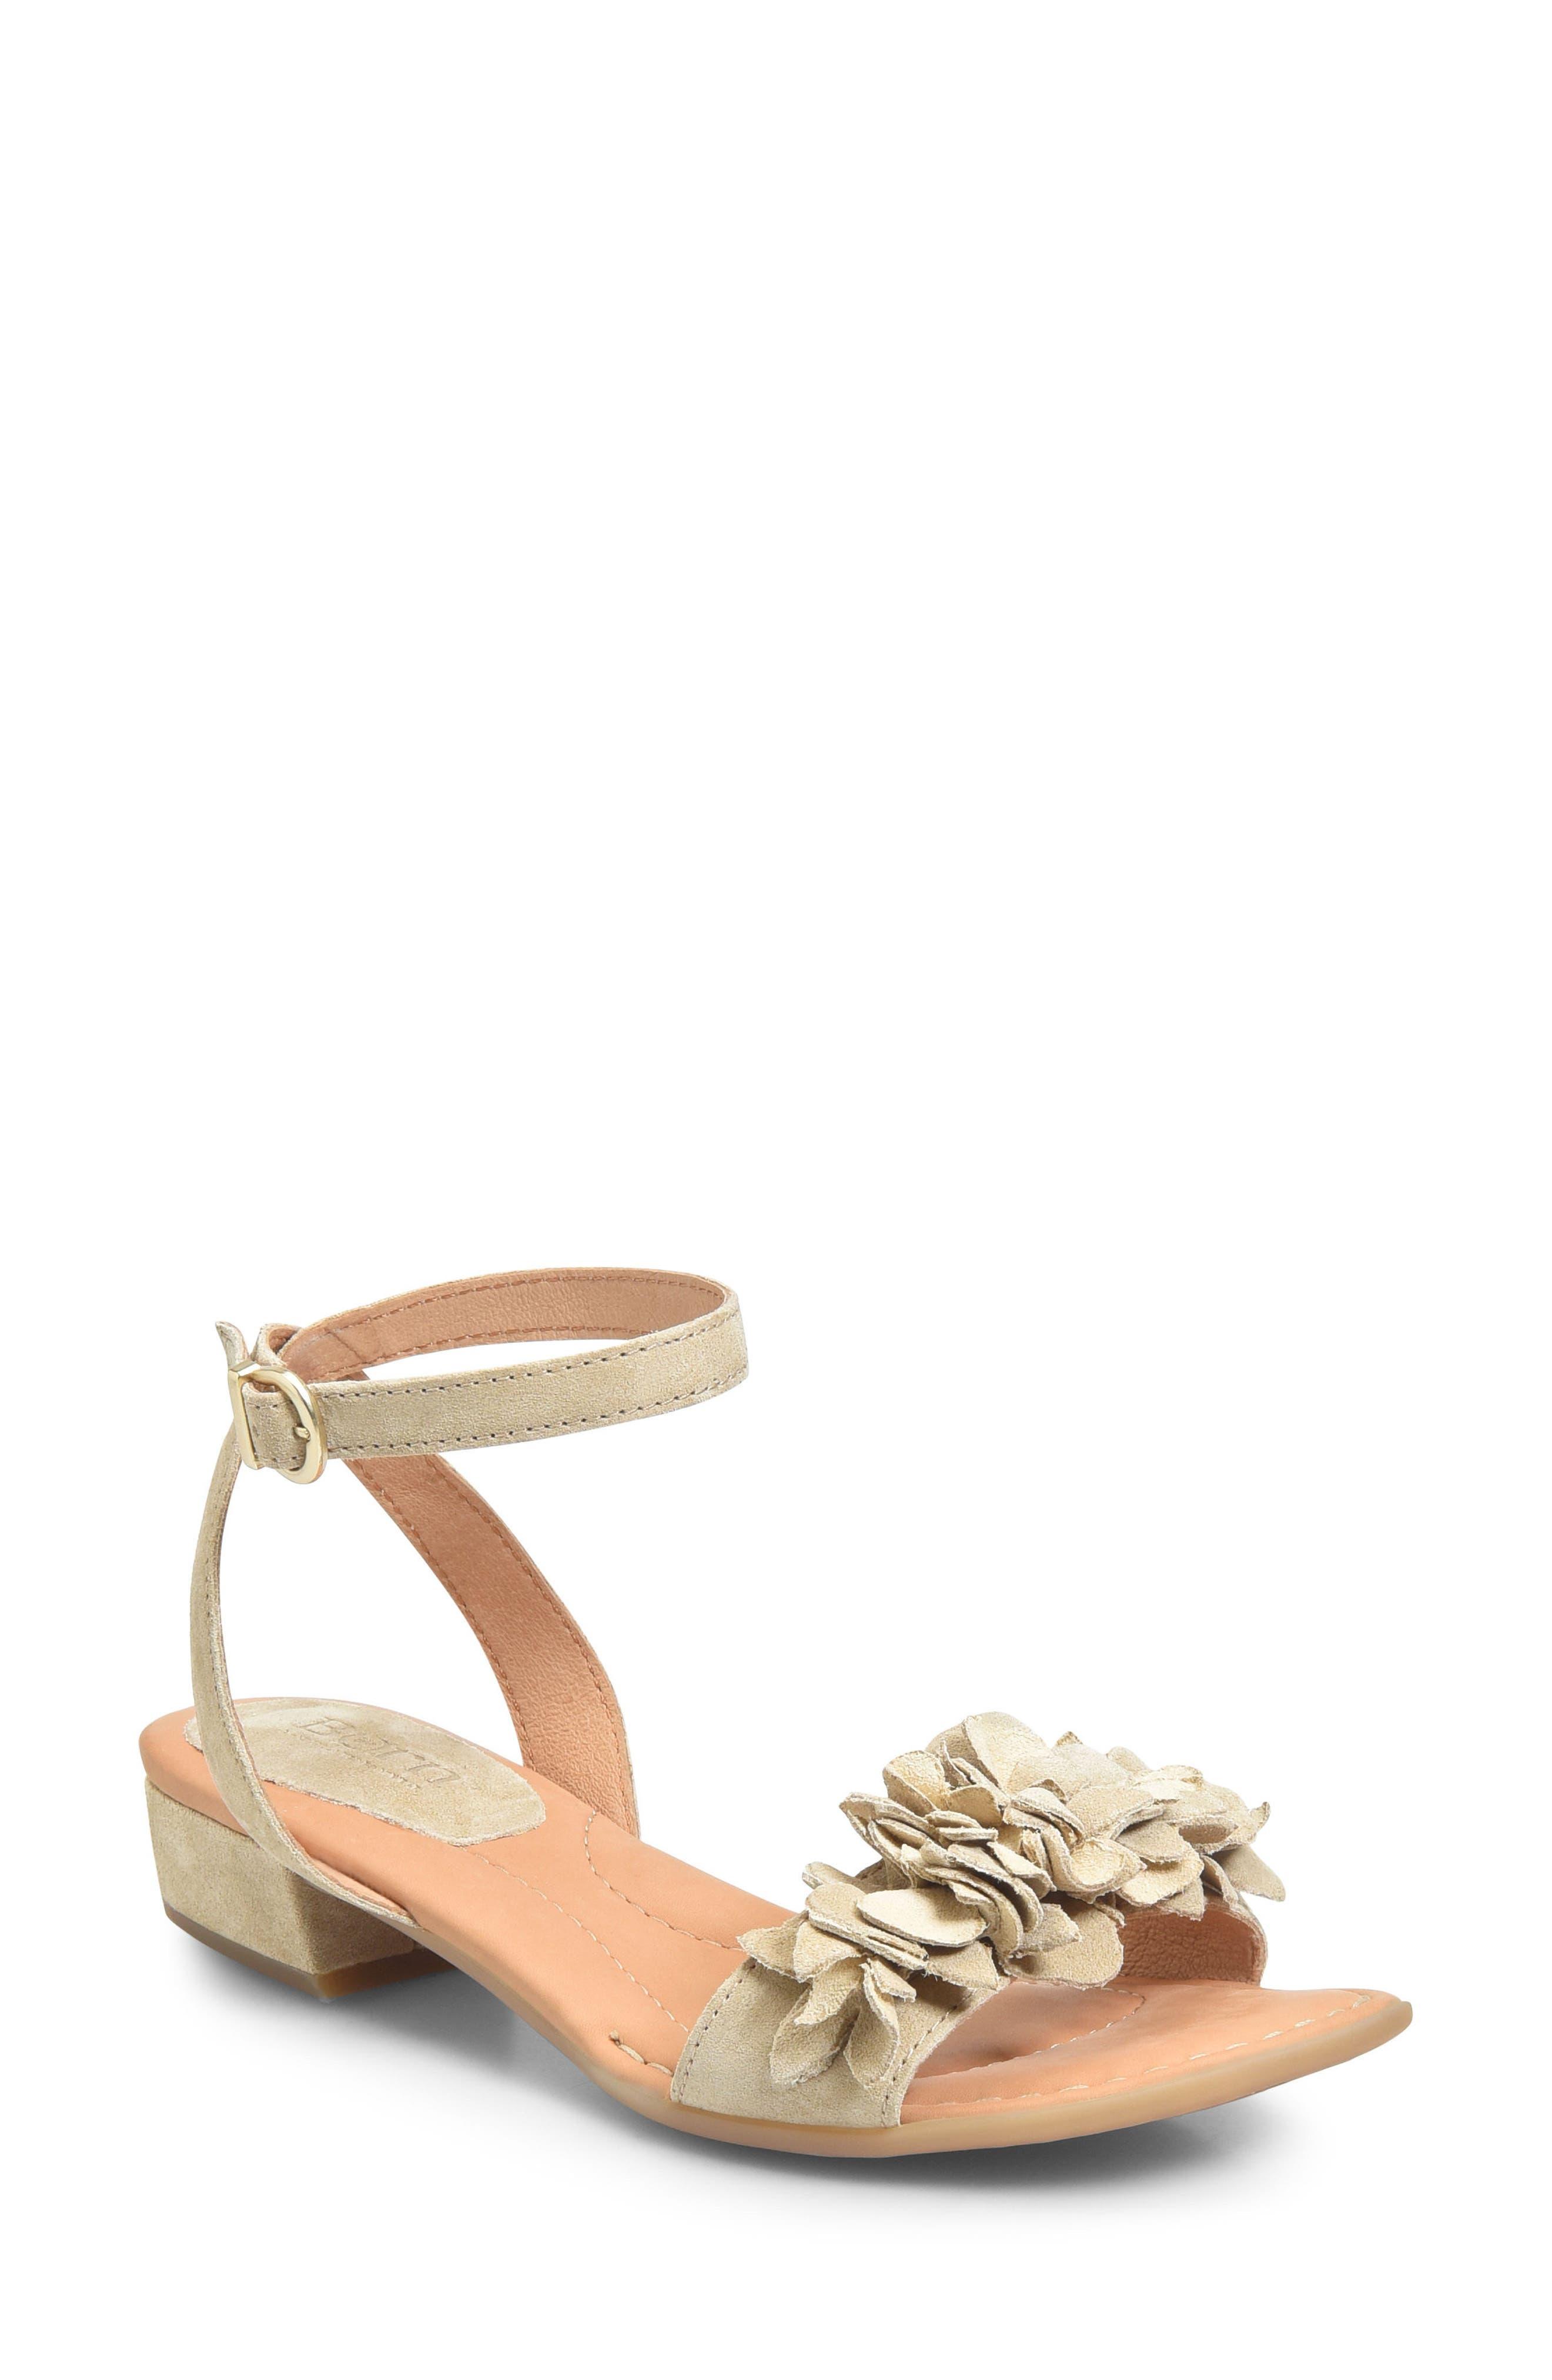 Bouvet Sandal,                             Main thumbnail 1, color,                             Cream Suede